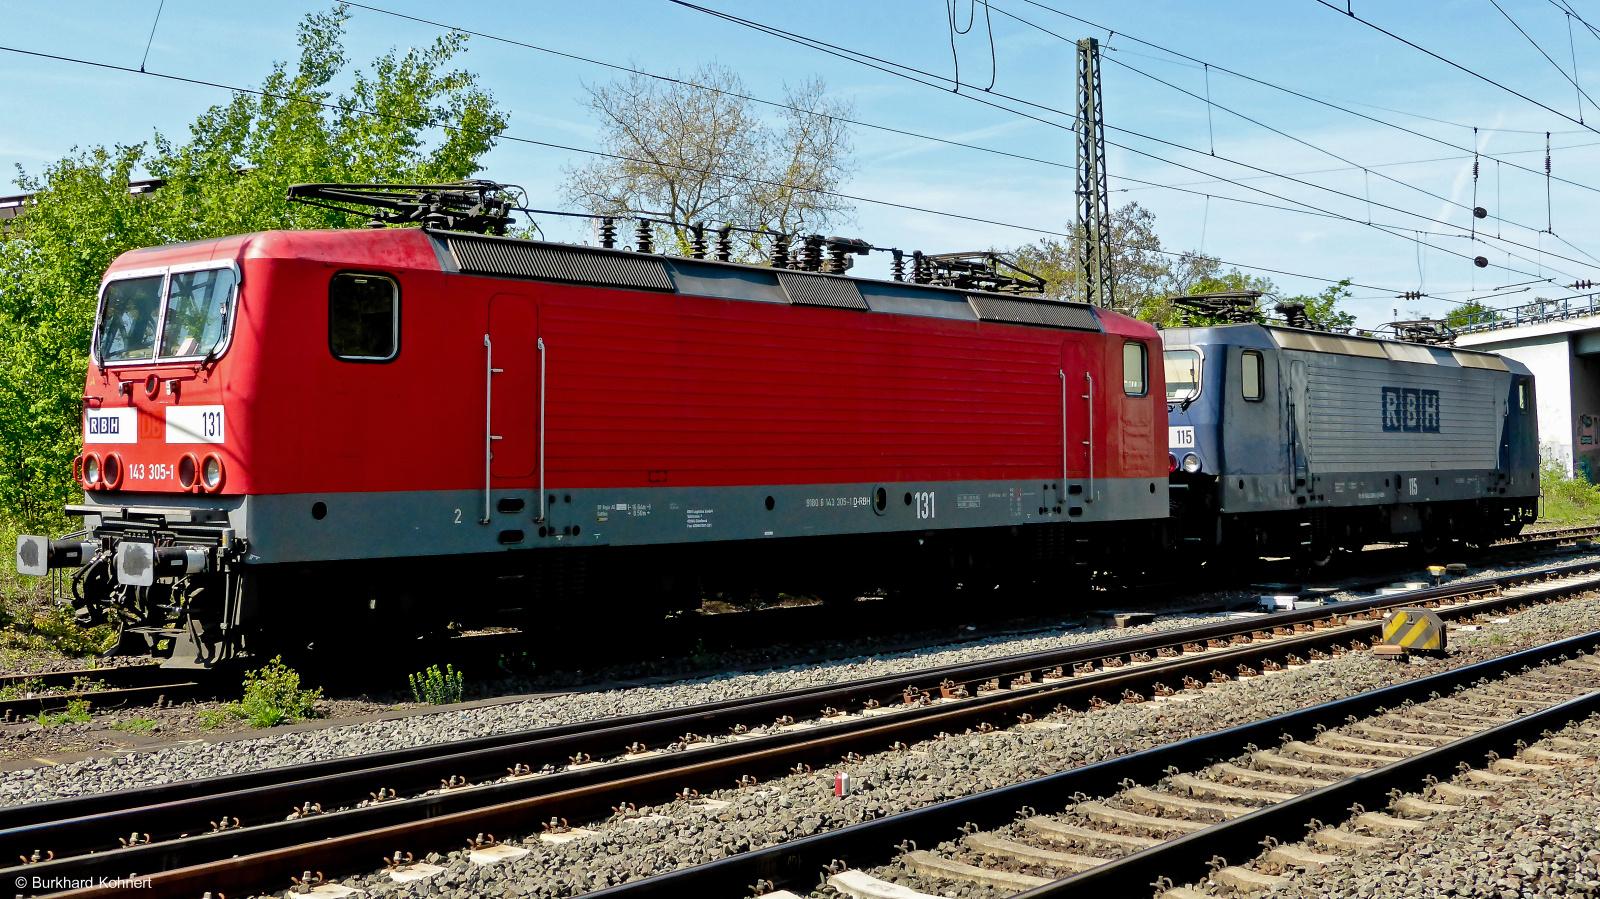 143 305-1 RBH 131 und 143 068-5 RBH 115 machen gemeinsam Pause - Mainz-Bischofsheim - 17.04.2014